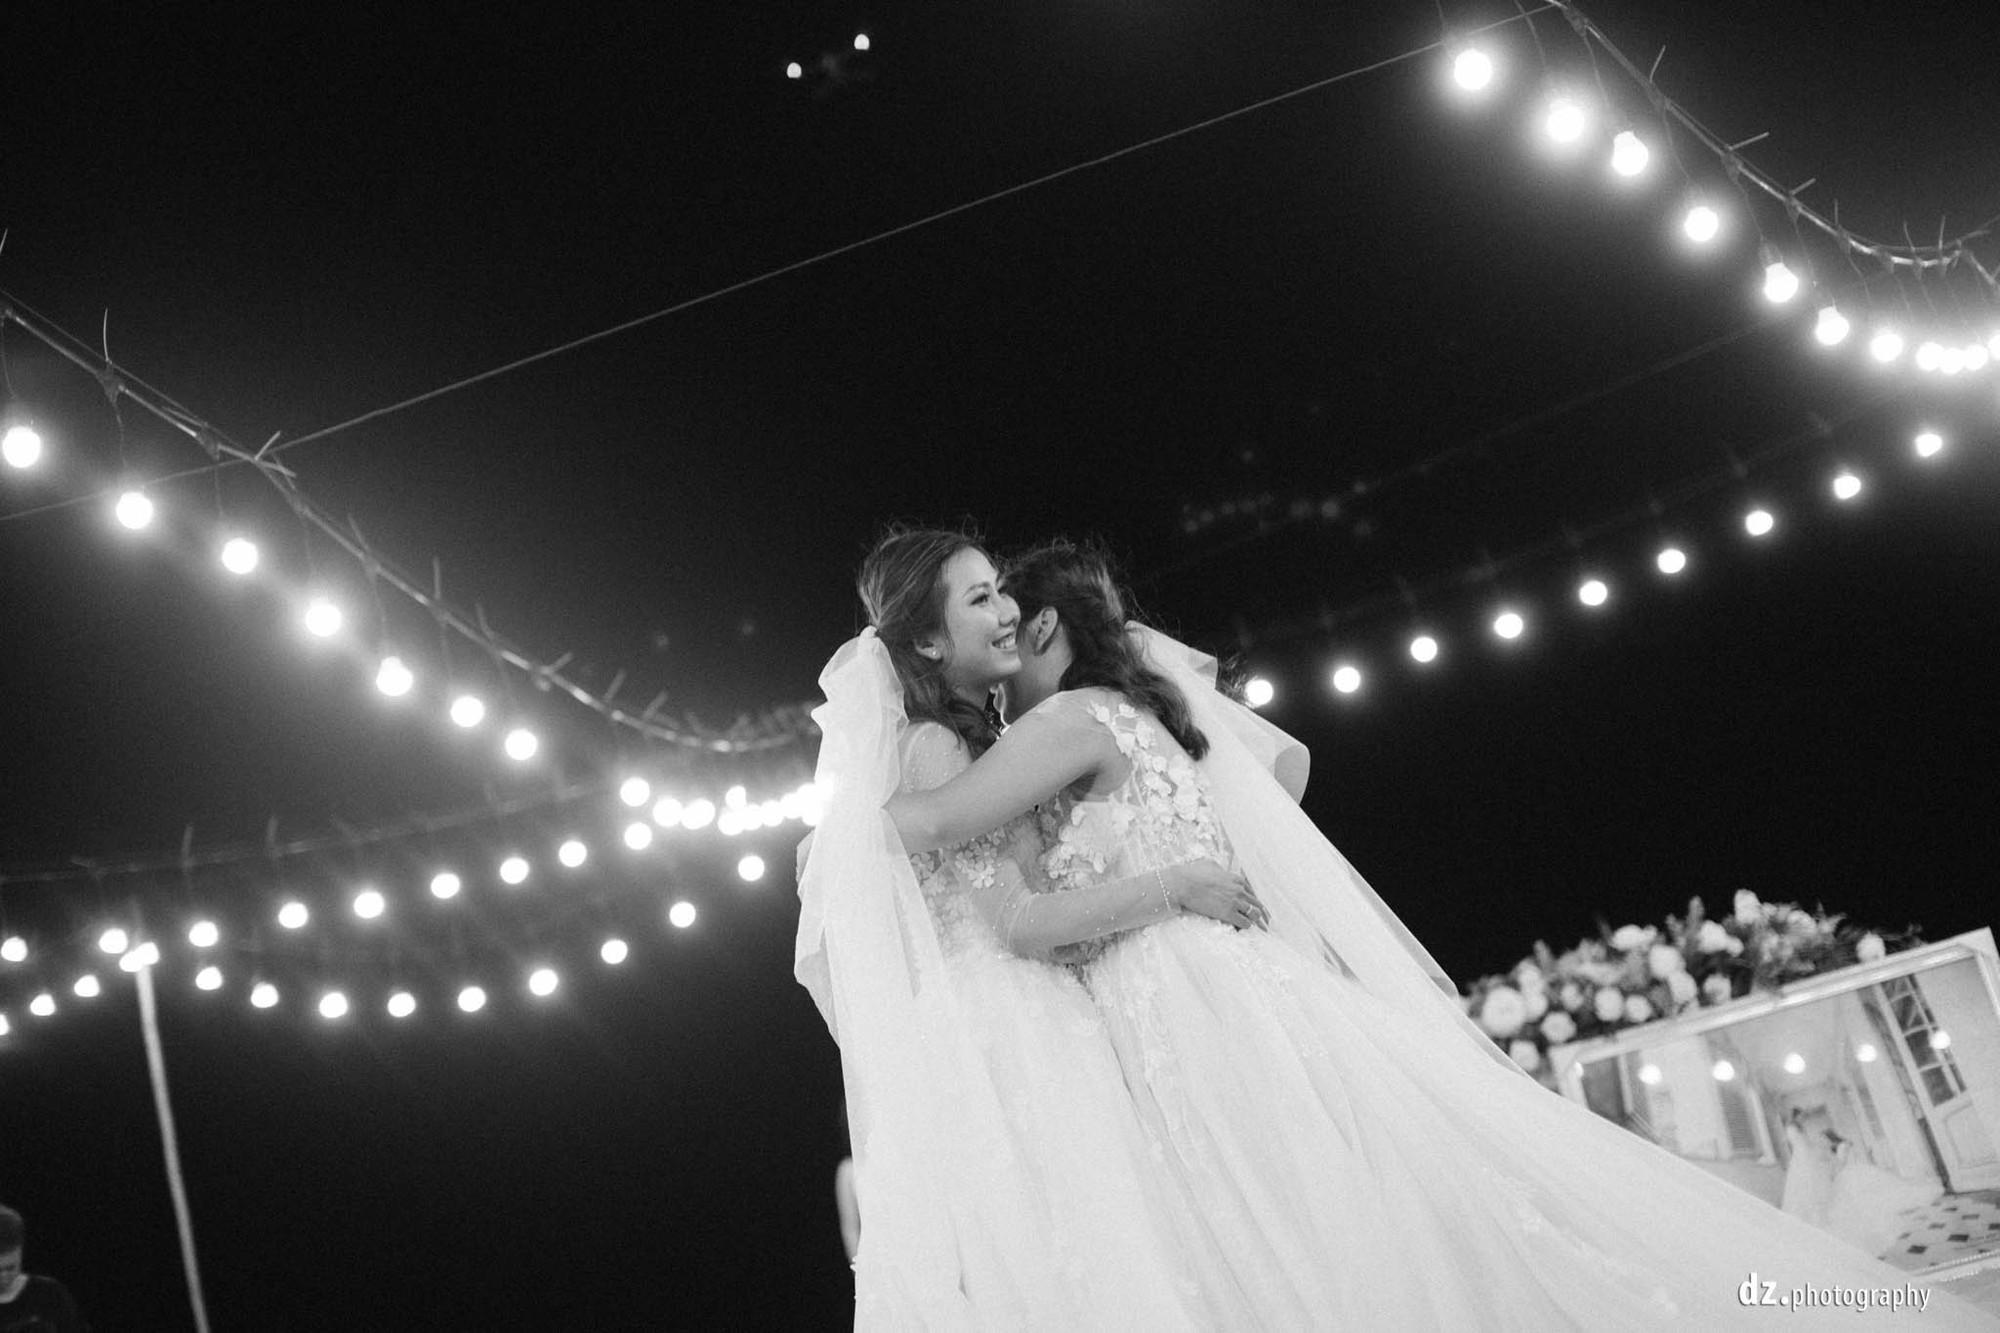 Đám cưới đồng tính của hai cô gái từng là tình địch giữa bãi biển Bình Thuận thơ mộng - Ảnh 12.